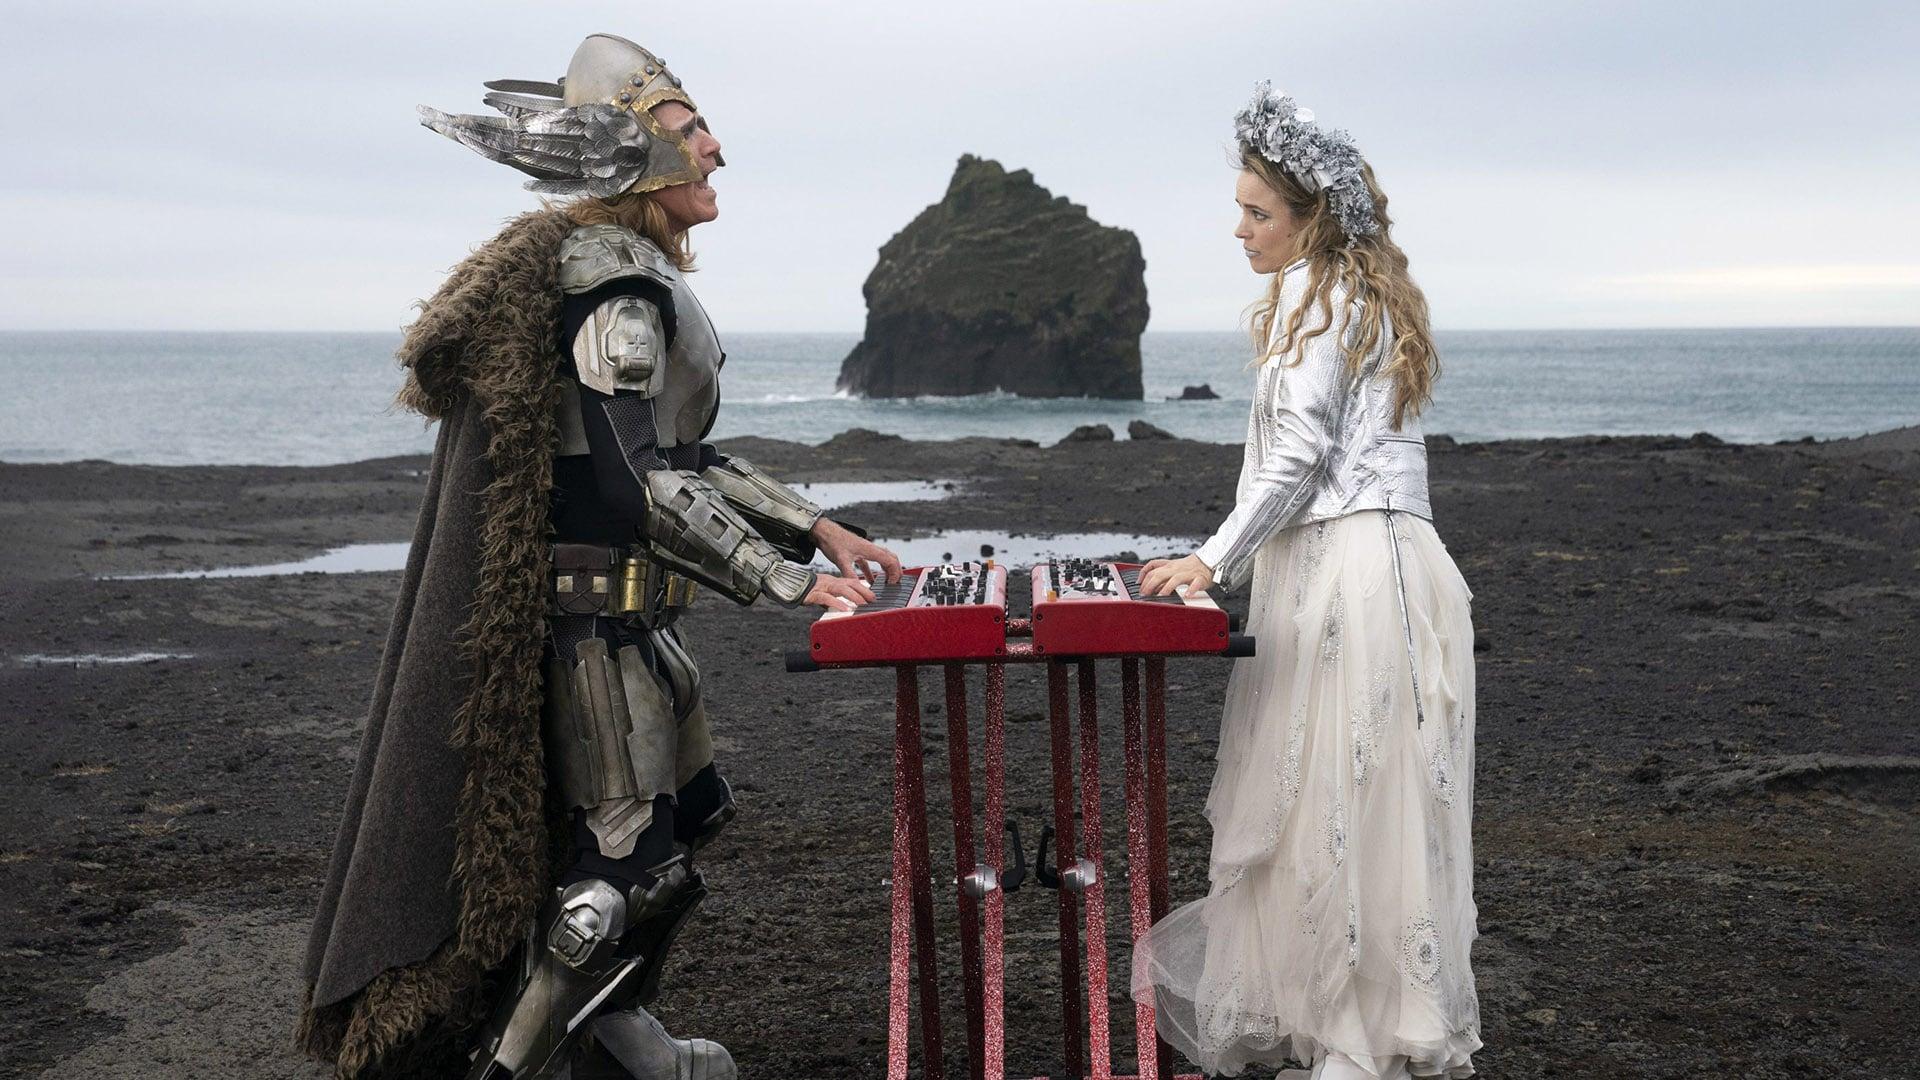 Película Festival de la Canción de Eurovisión: La Historia de Fire Saga en GNULA